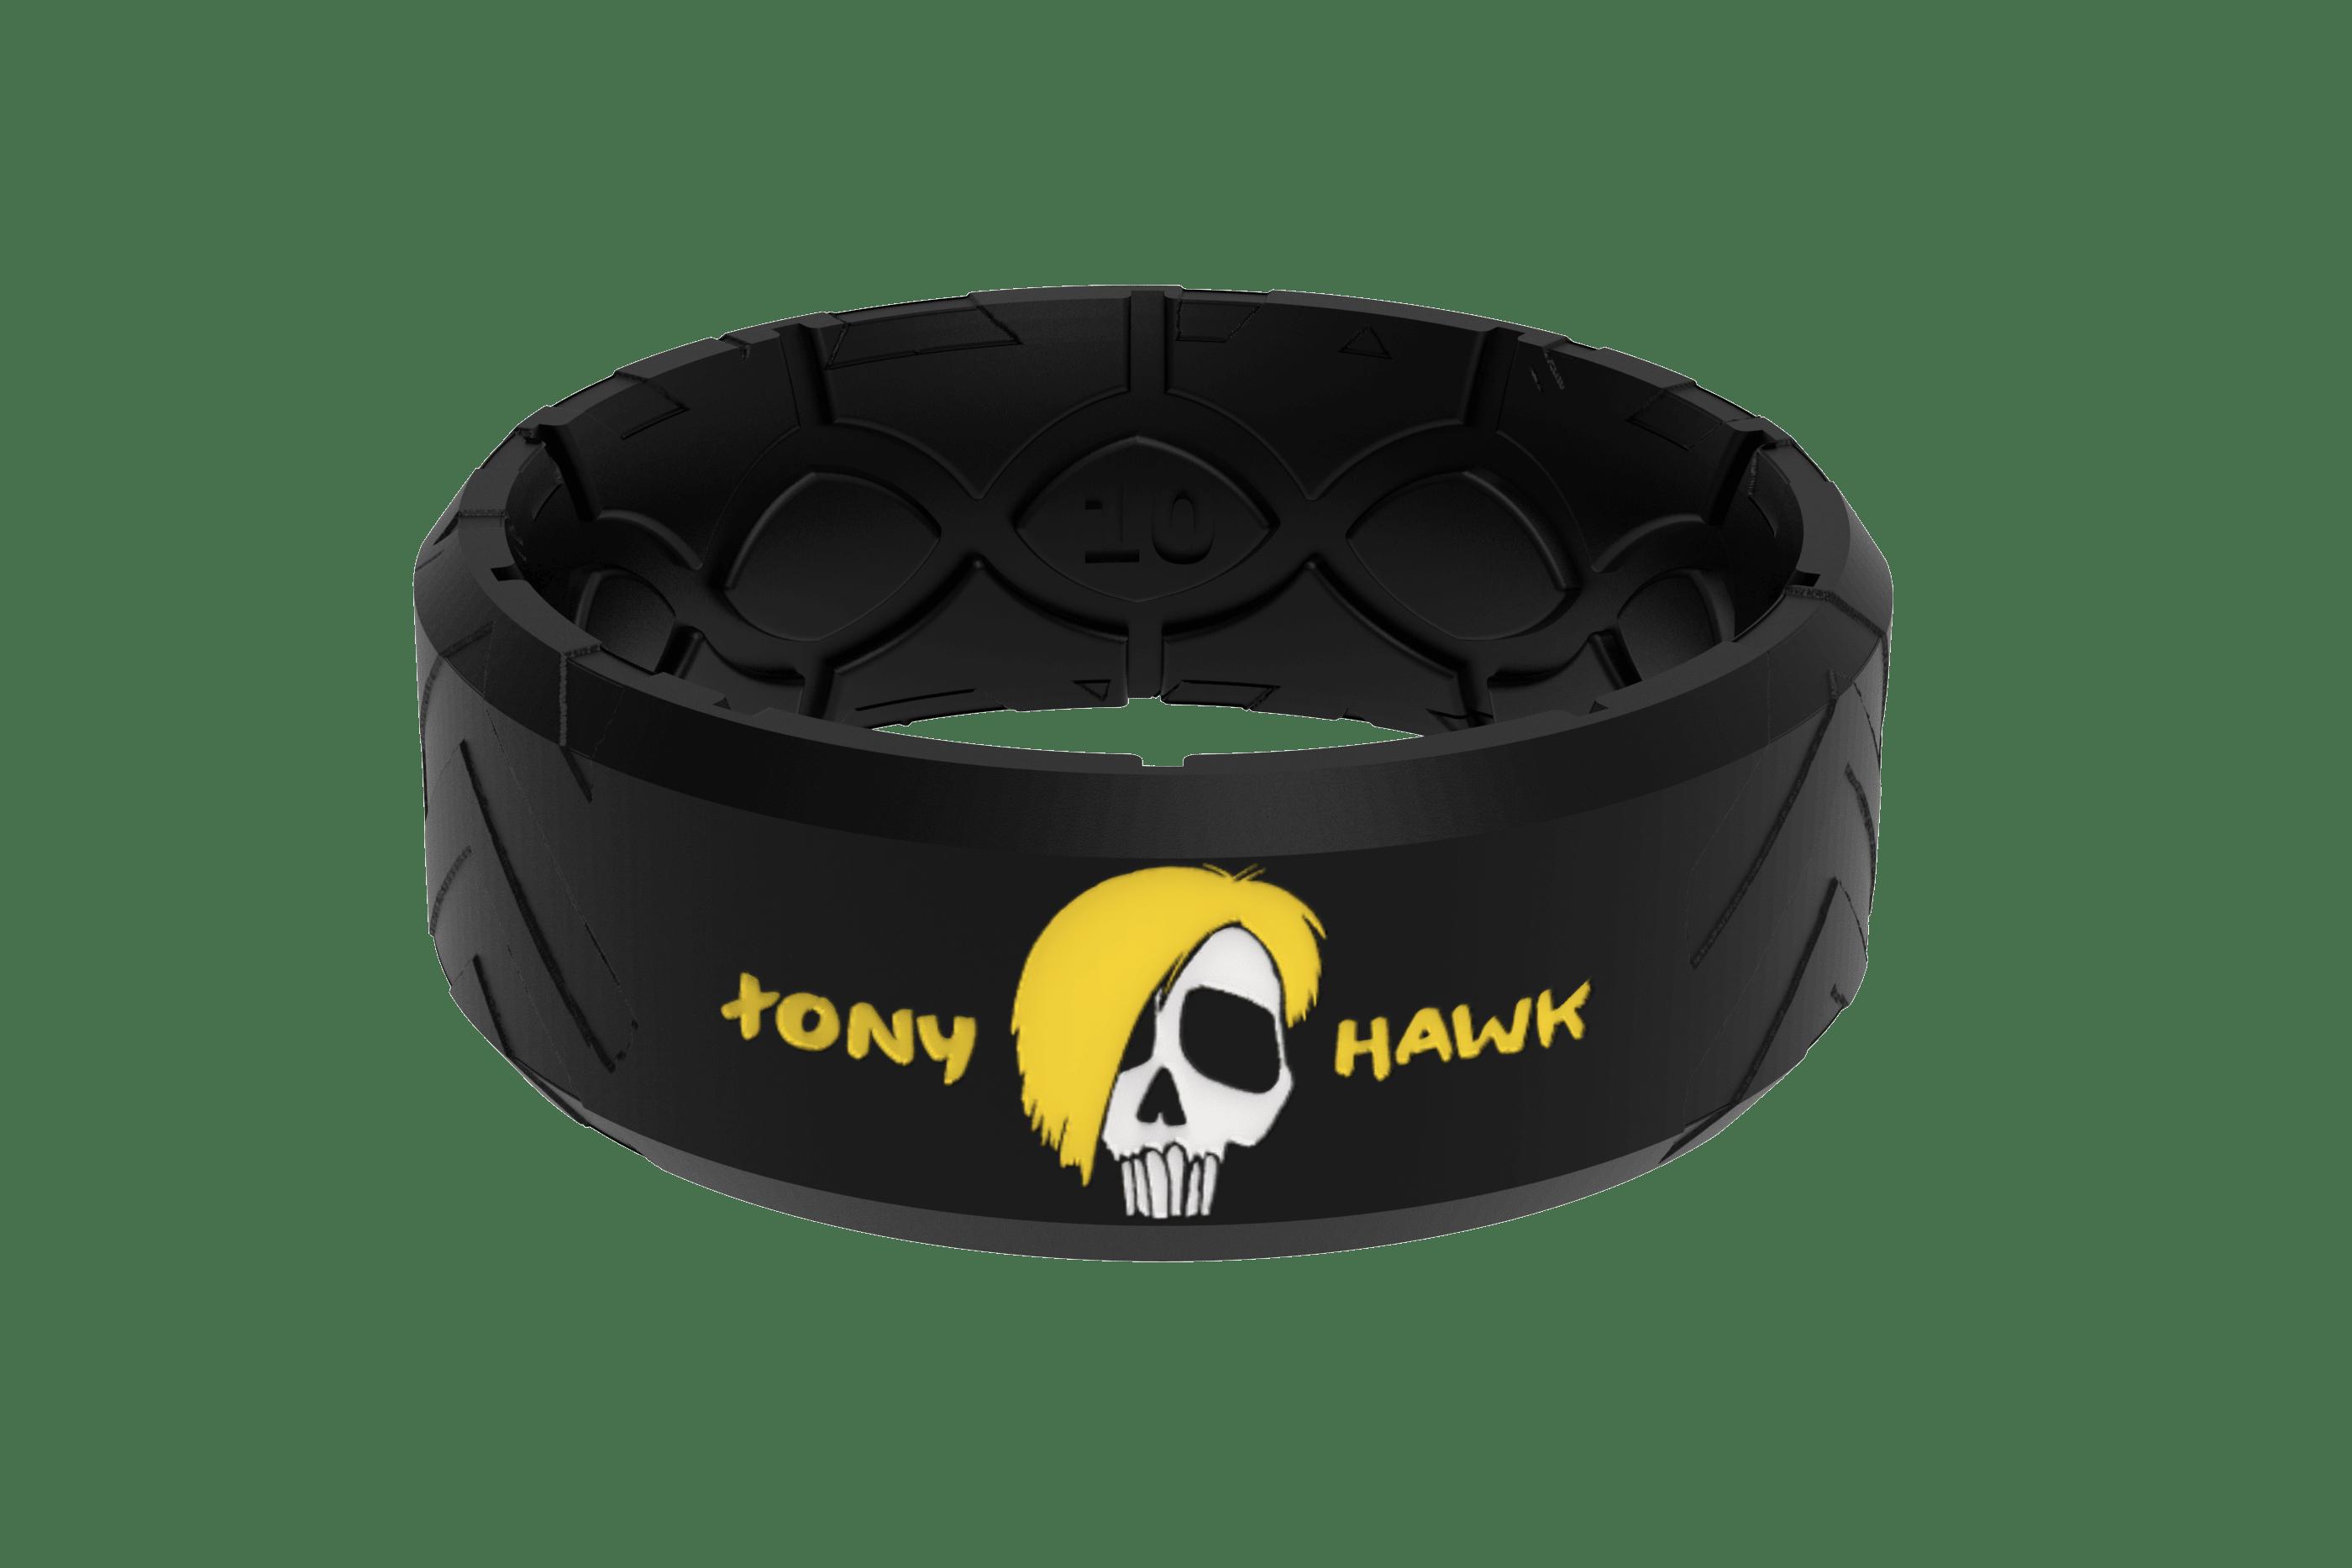 Tony Hawk Skate + Die Ring viewed front on